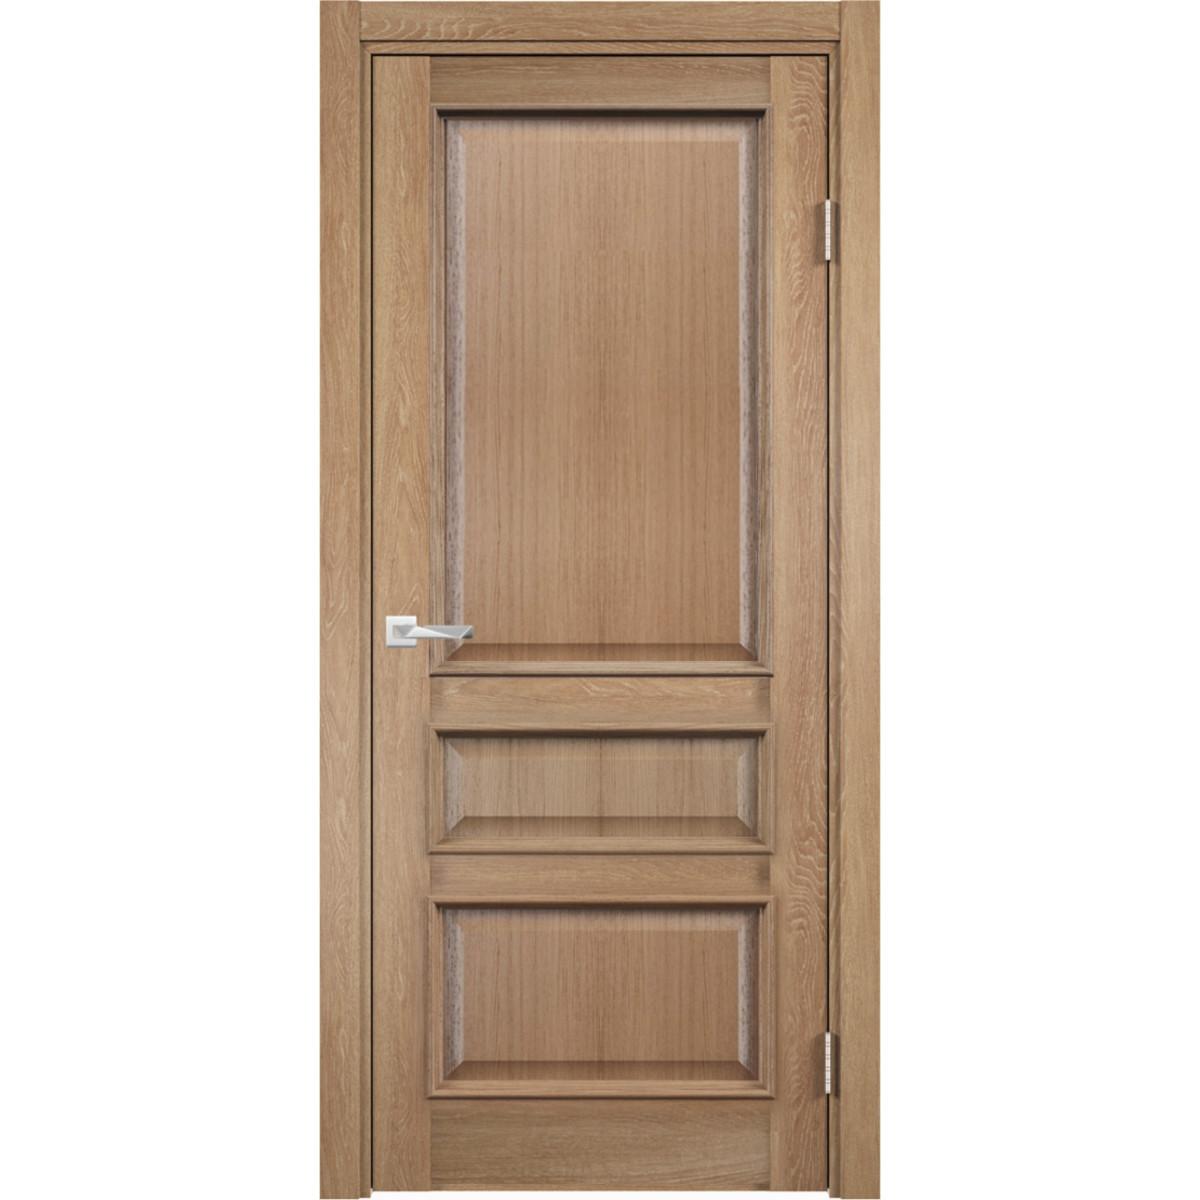 Дверь межкомнатная глухая с замком в комплекте Барселона 200x70 см ПВХ цвет орех